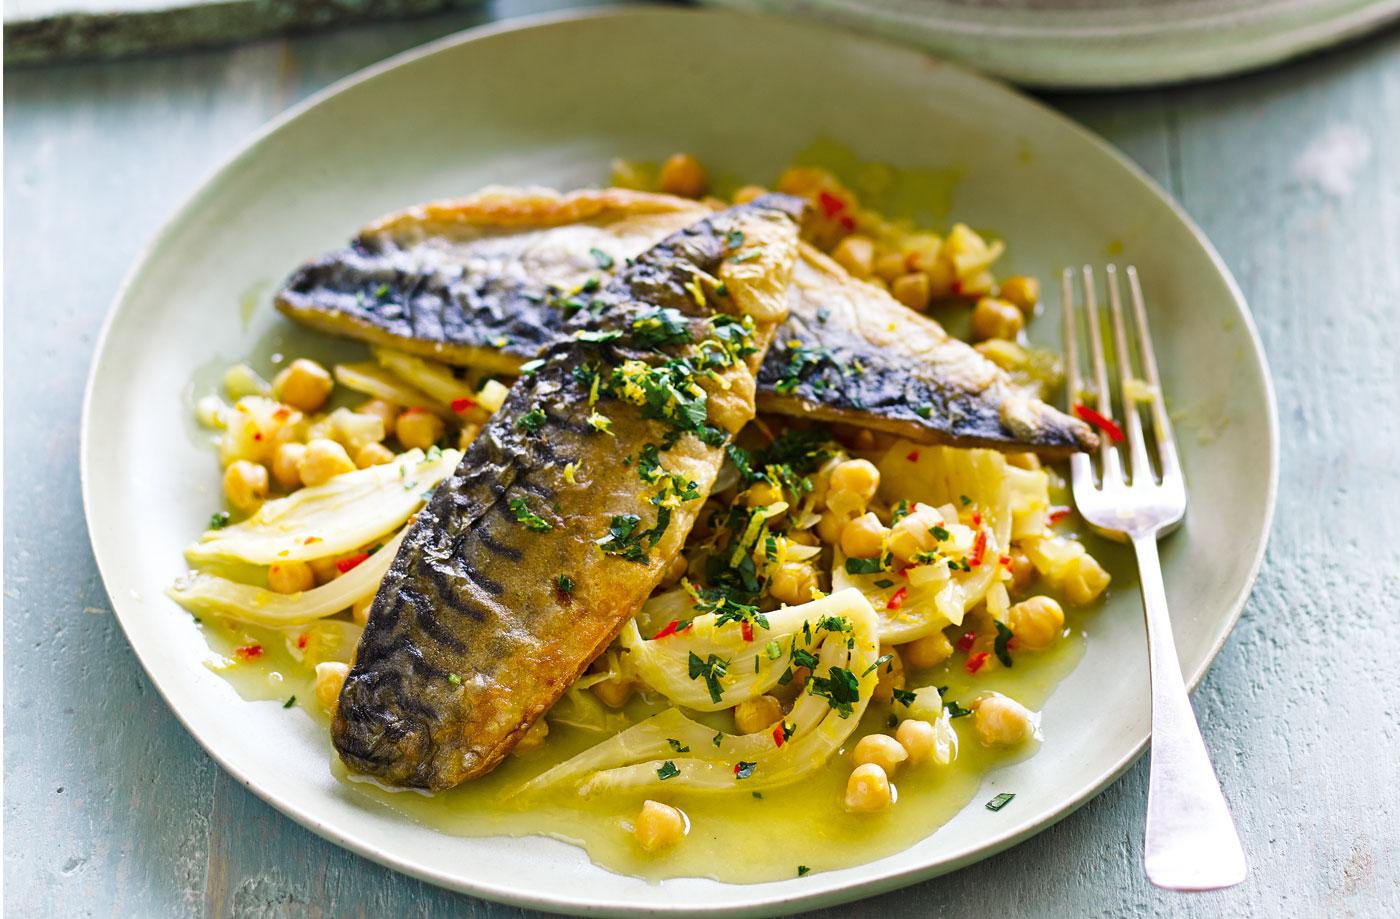 Oily Fish Diet